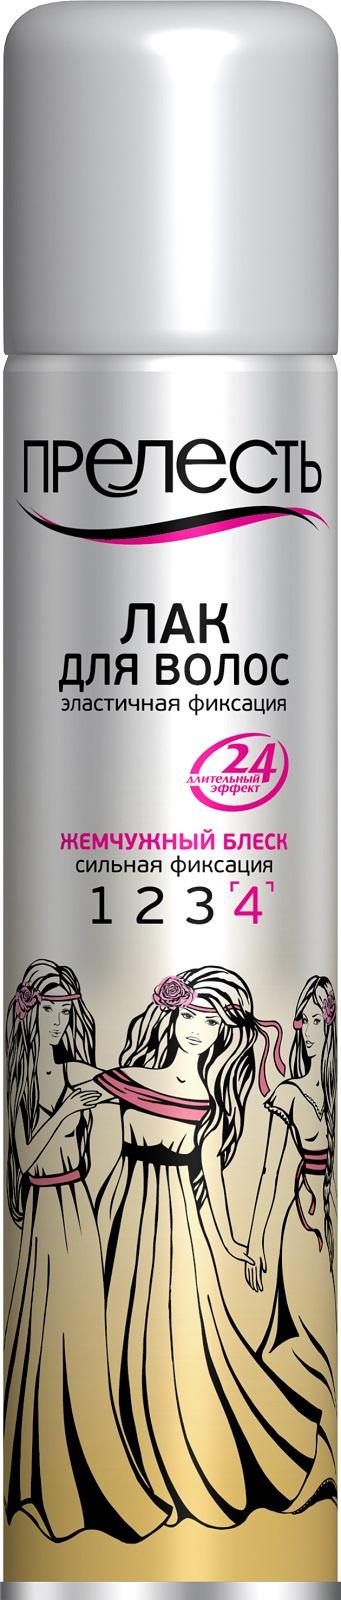 Лак для волос Прелесть Жемчужный блеск сильной фиксации, 200 мл для волос zhigpvest отзывы